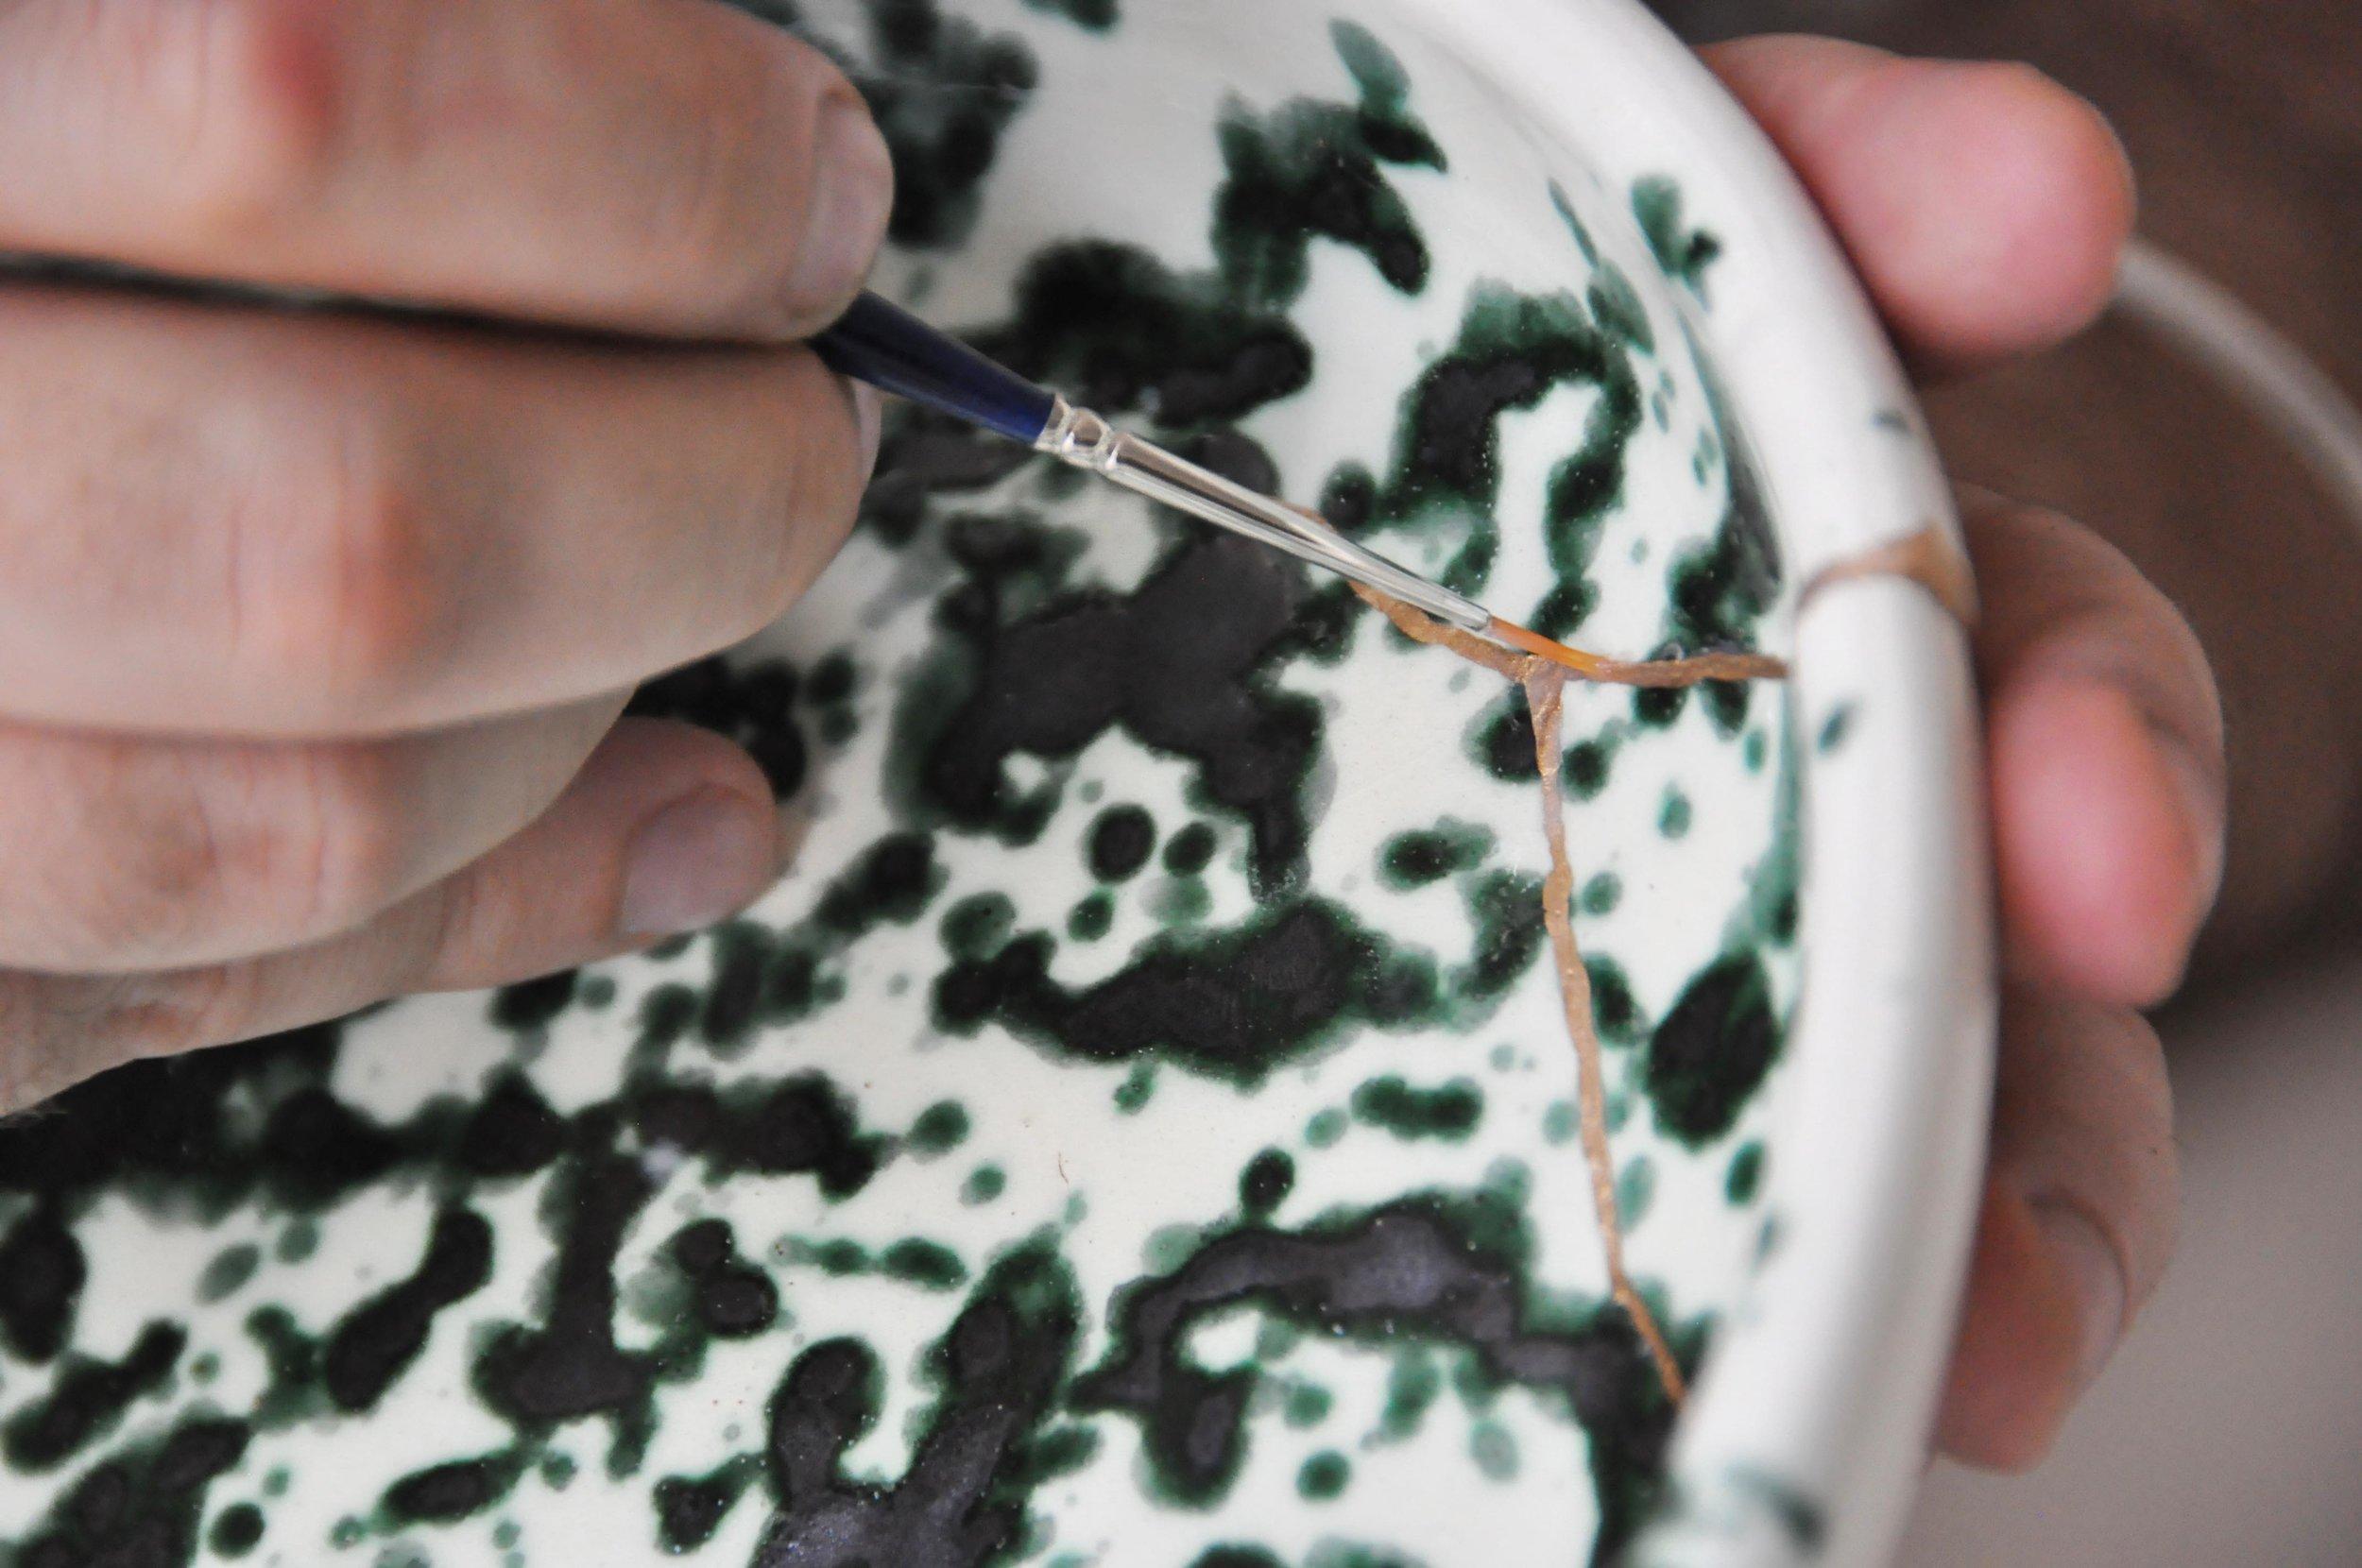 Etape 5 : A l'aide d'un pinceau fin, appliquer sur la réparation de la dorure liquide puis du vernis alimentaire incolore